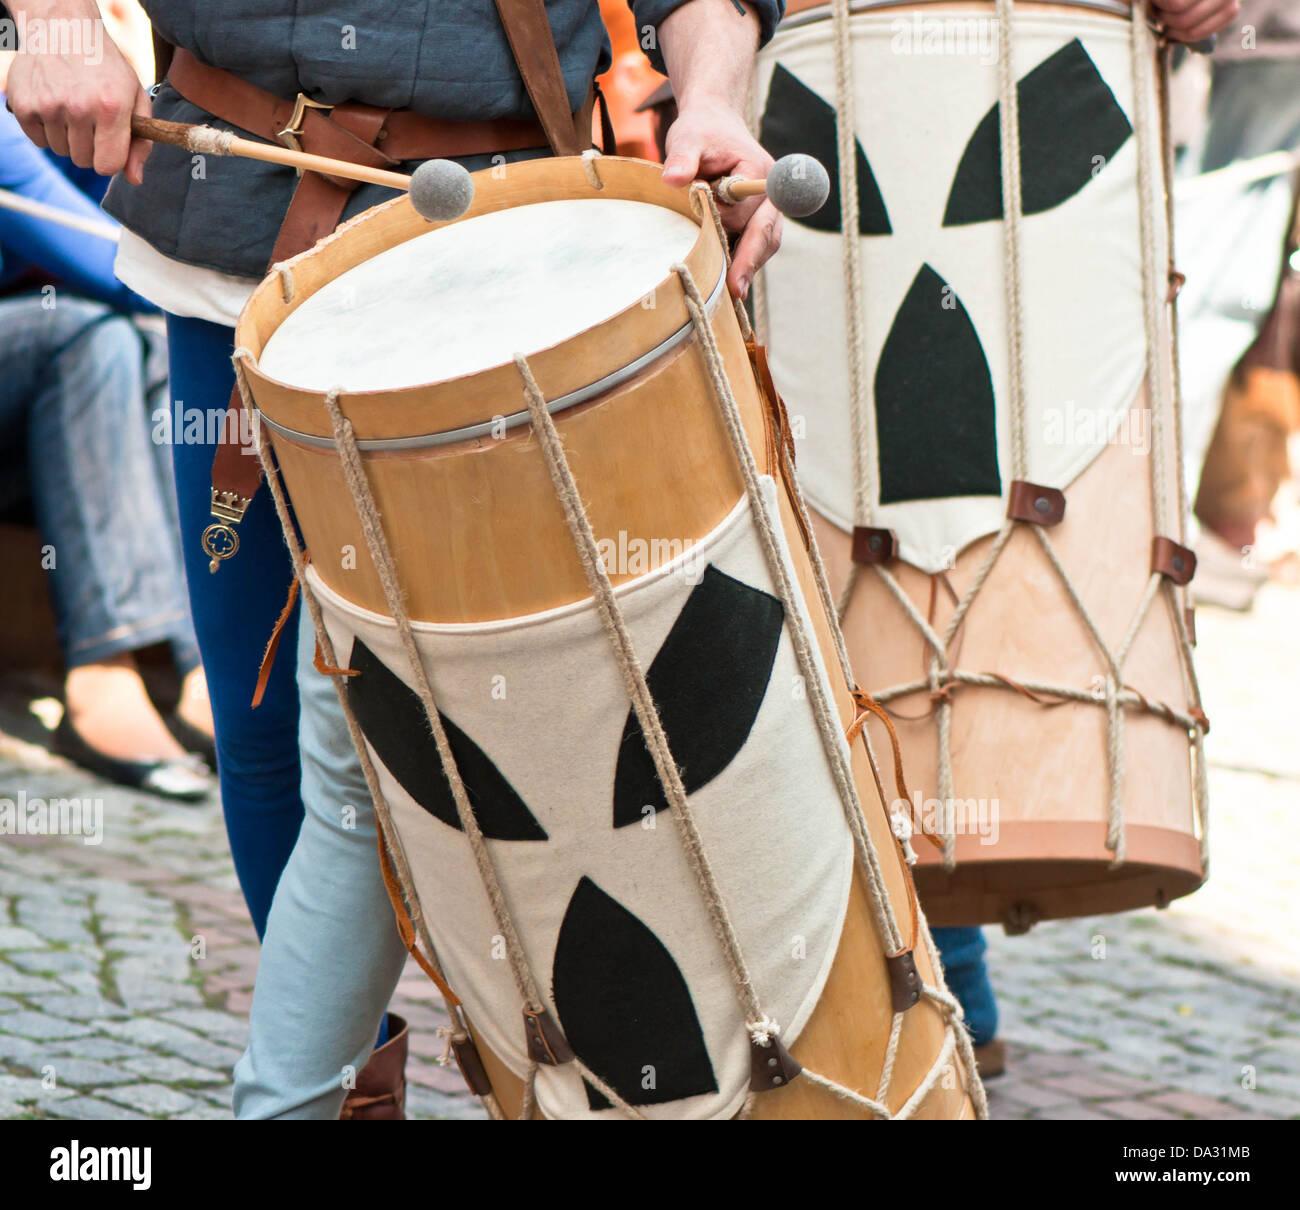 Universität, Becken, Unterhaltungseinlage zur Halbzeit, Musikinstrument, Marschieren, Musiker, Paraden, Menschen, - Stock Image